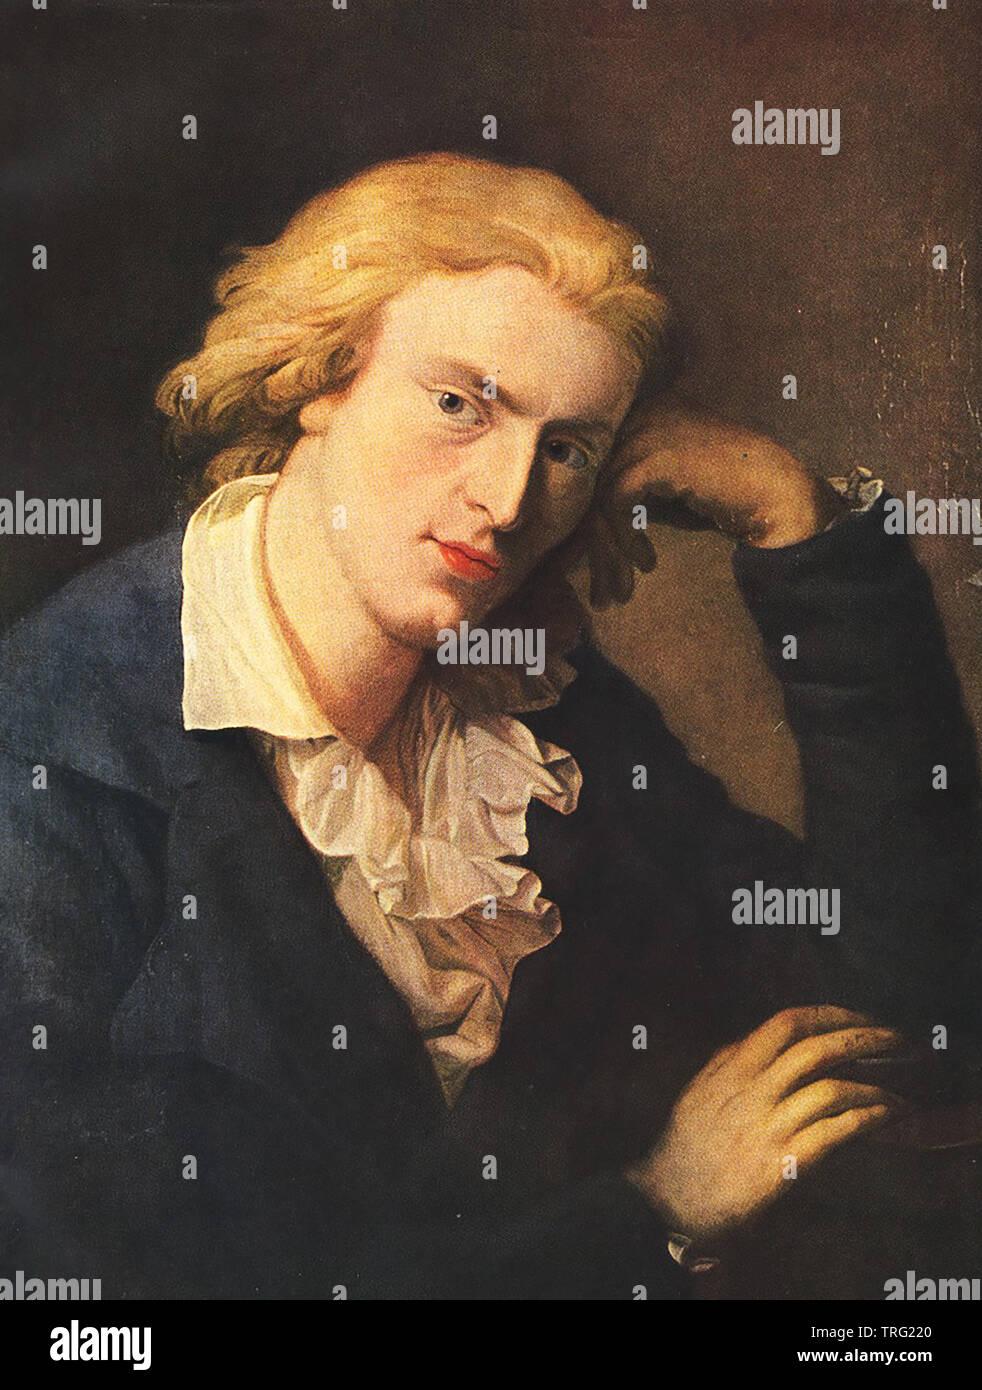 FRIEDRICH SCHILLER (1759-1805) German poet and philosopher - Stock Image